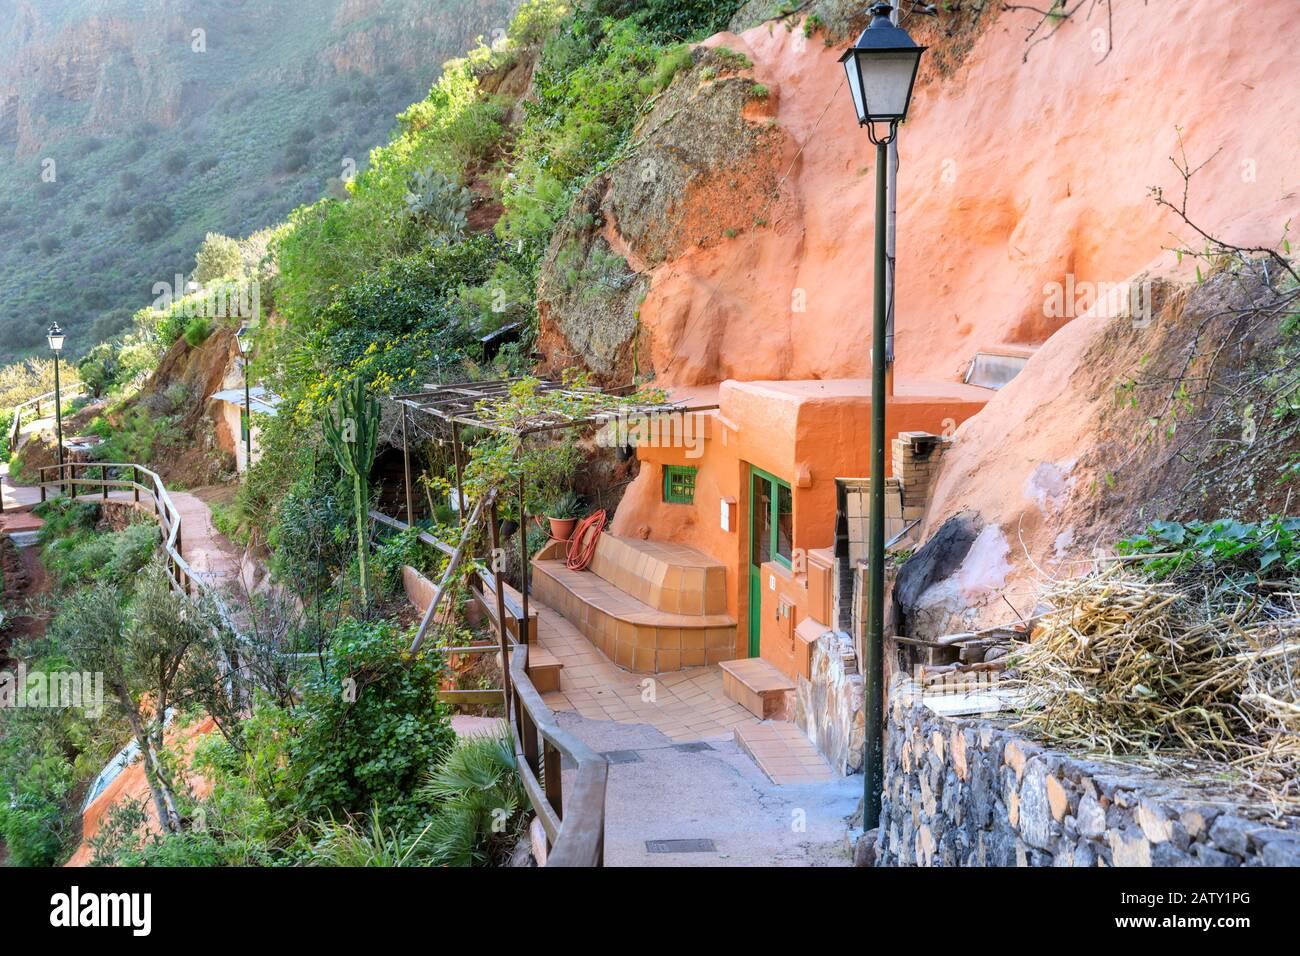 Casas cueva, casas construidas en cuevas en Cueva Bermeja, Guayadeque Gran Canaria, Islas Canarias Foto de stock